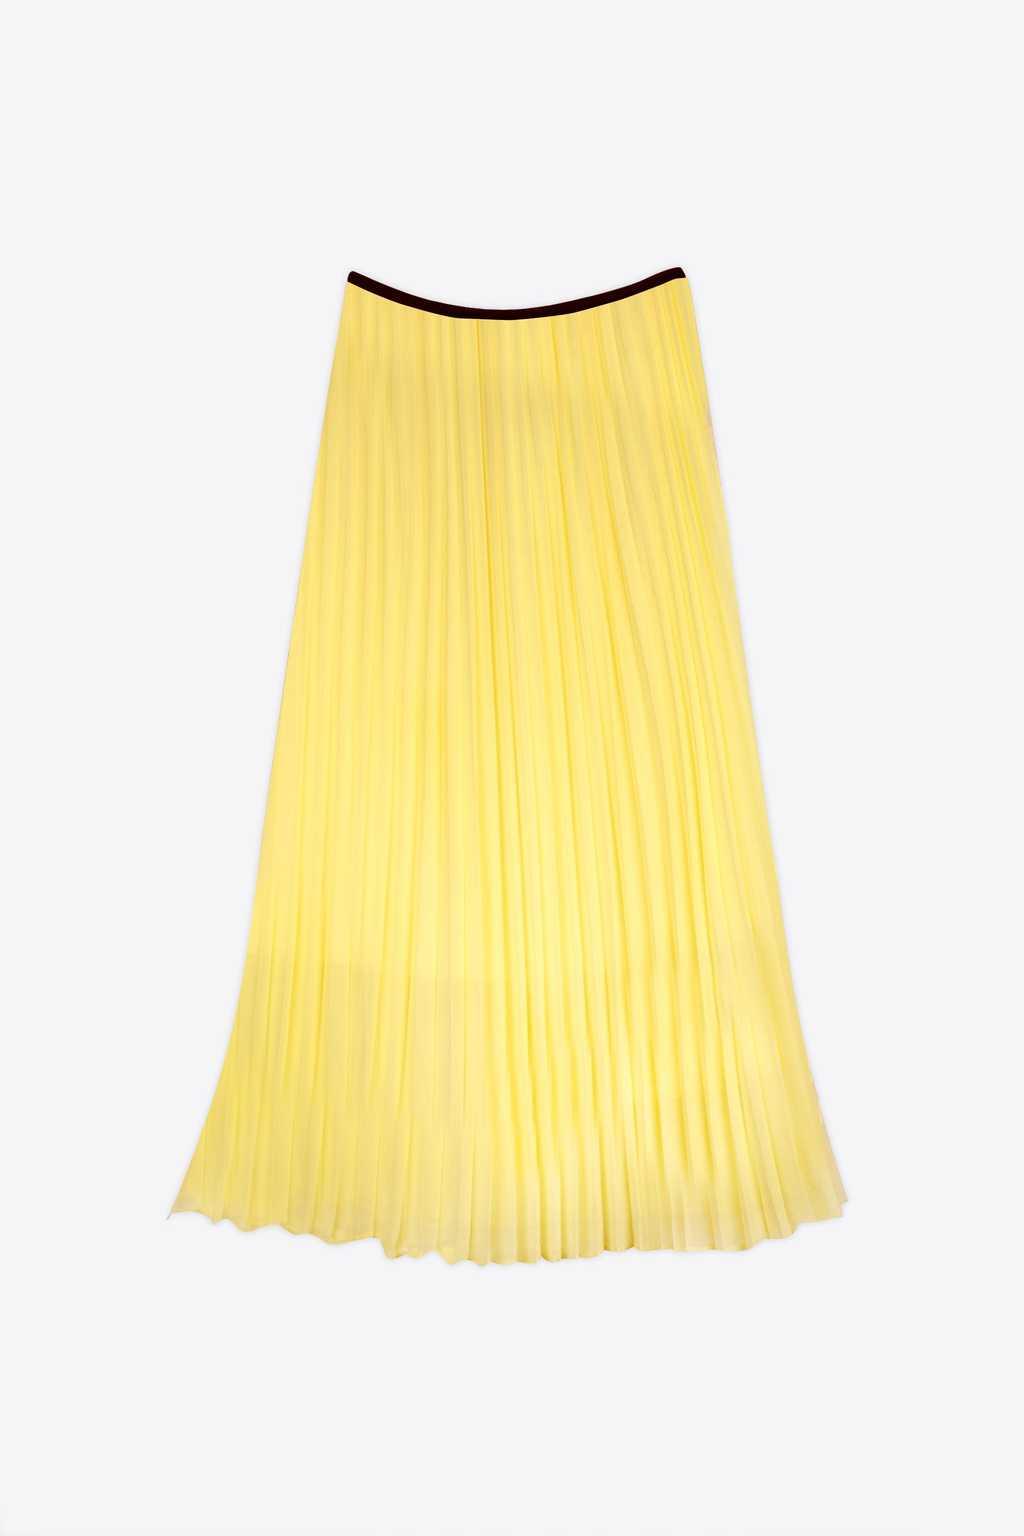 Skirt G007 Yellow 12